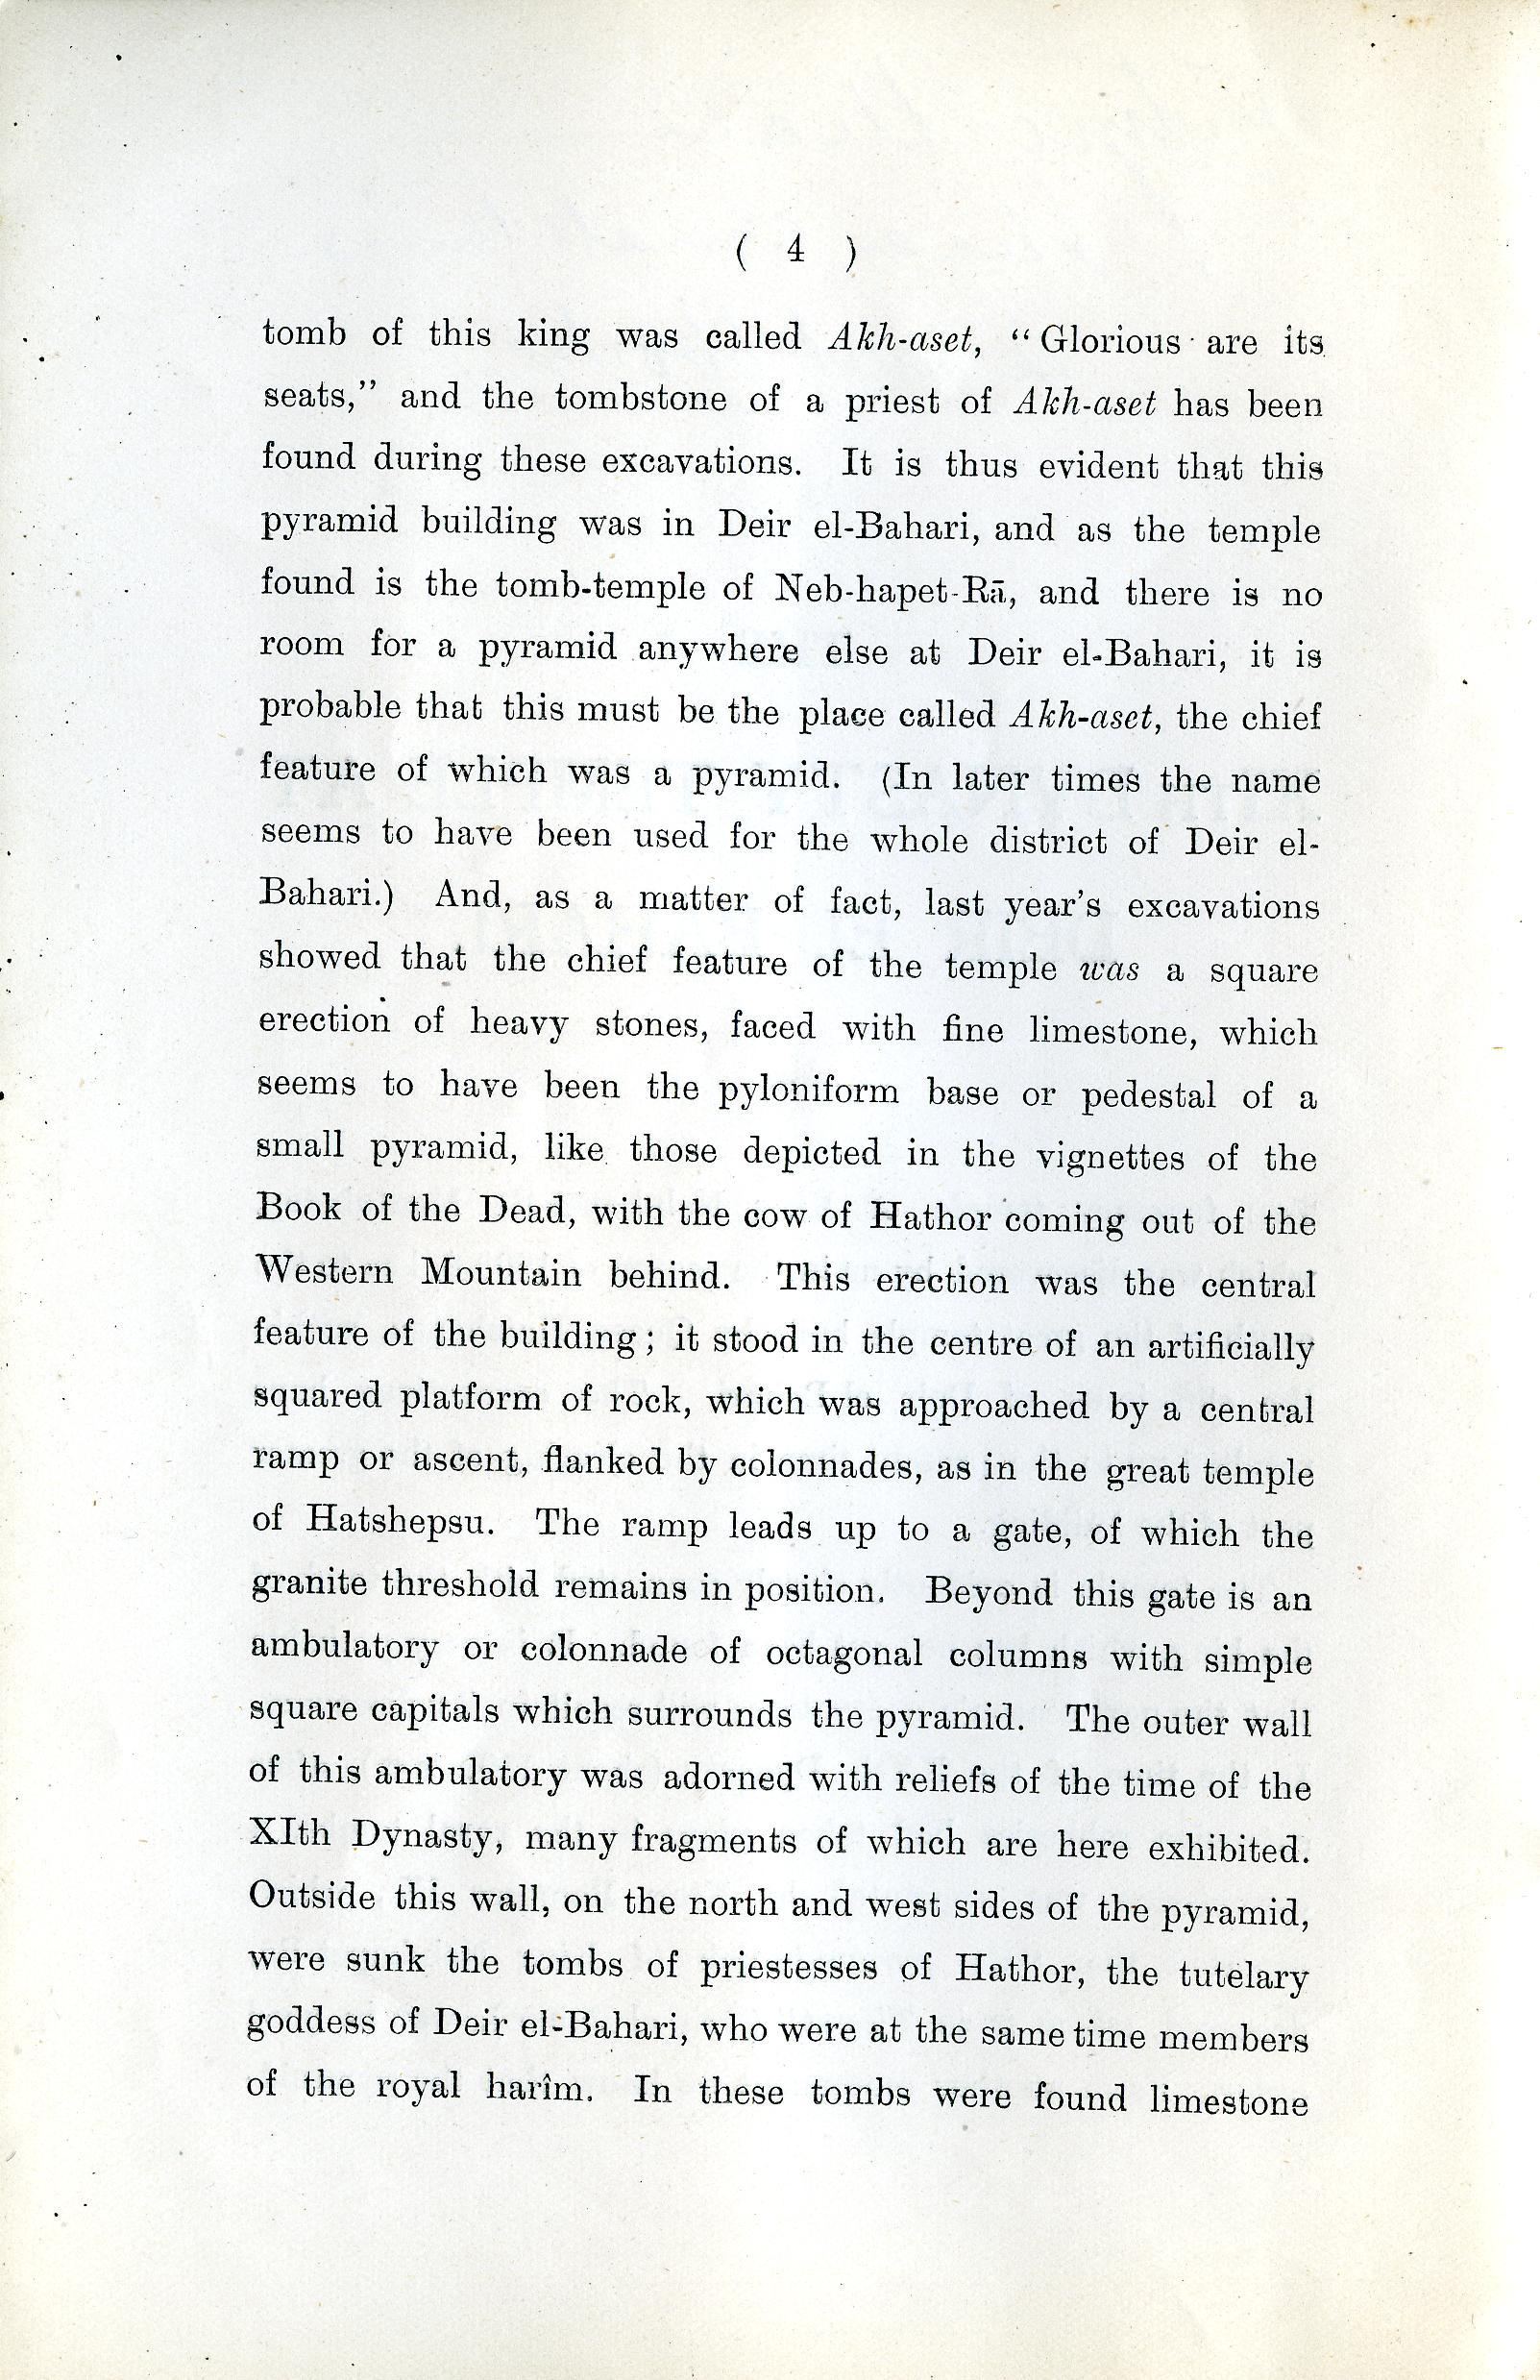 1905-06 Deir el-Bahri, Oxyrhynchus DIST.26.17d